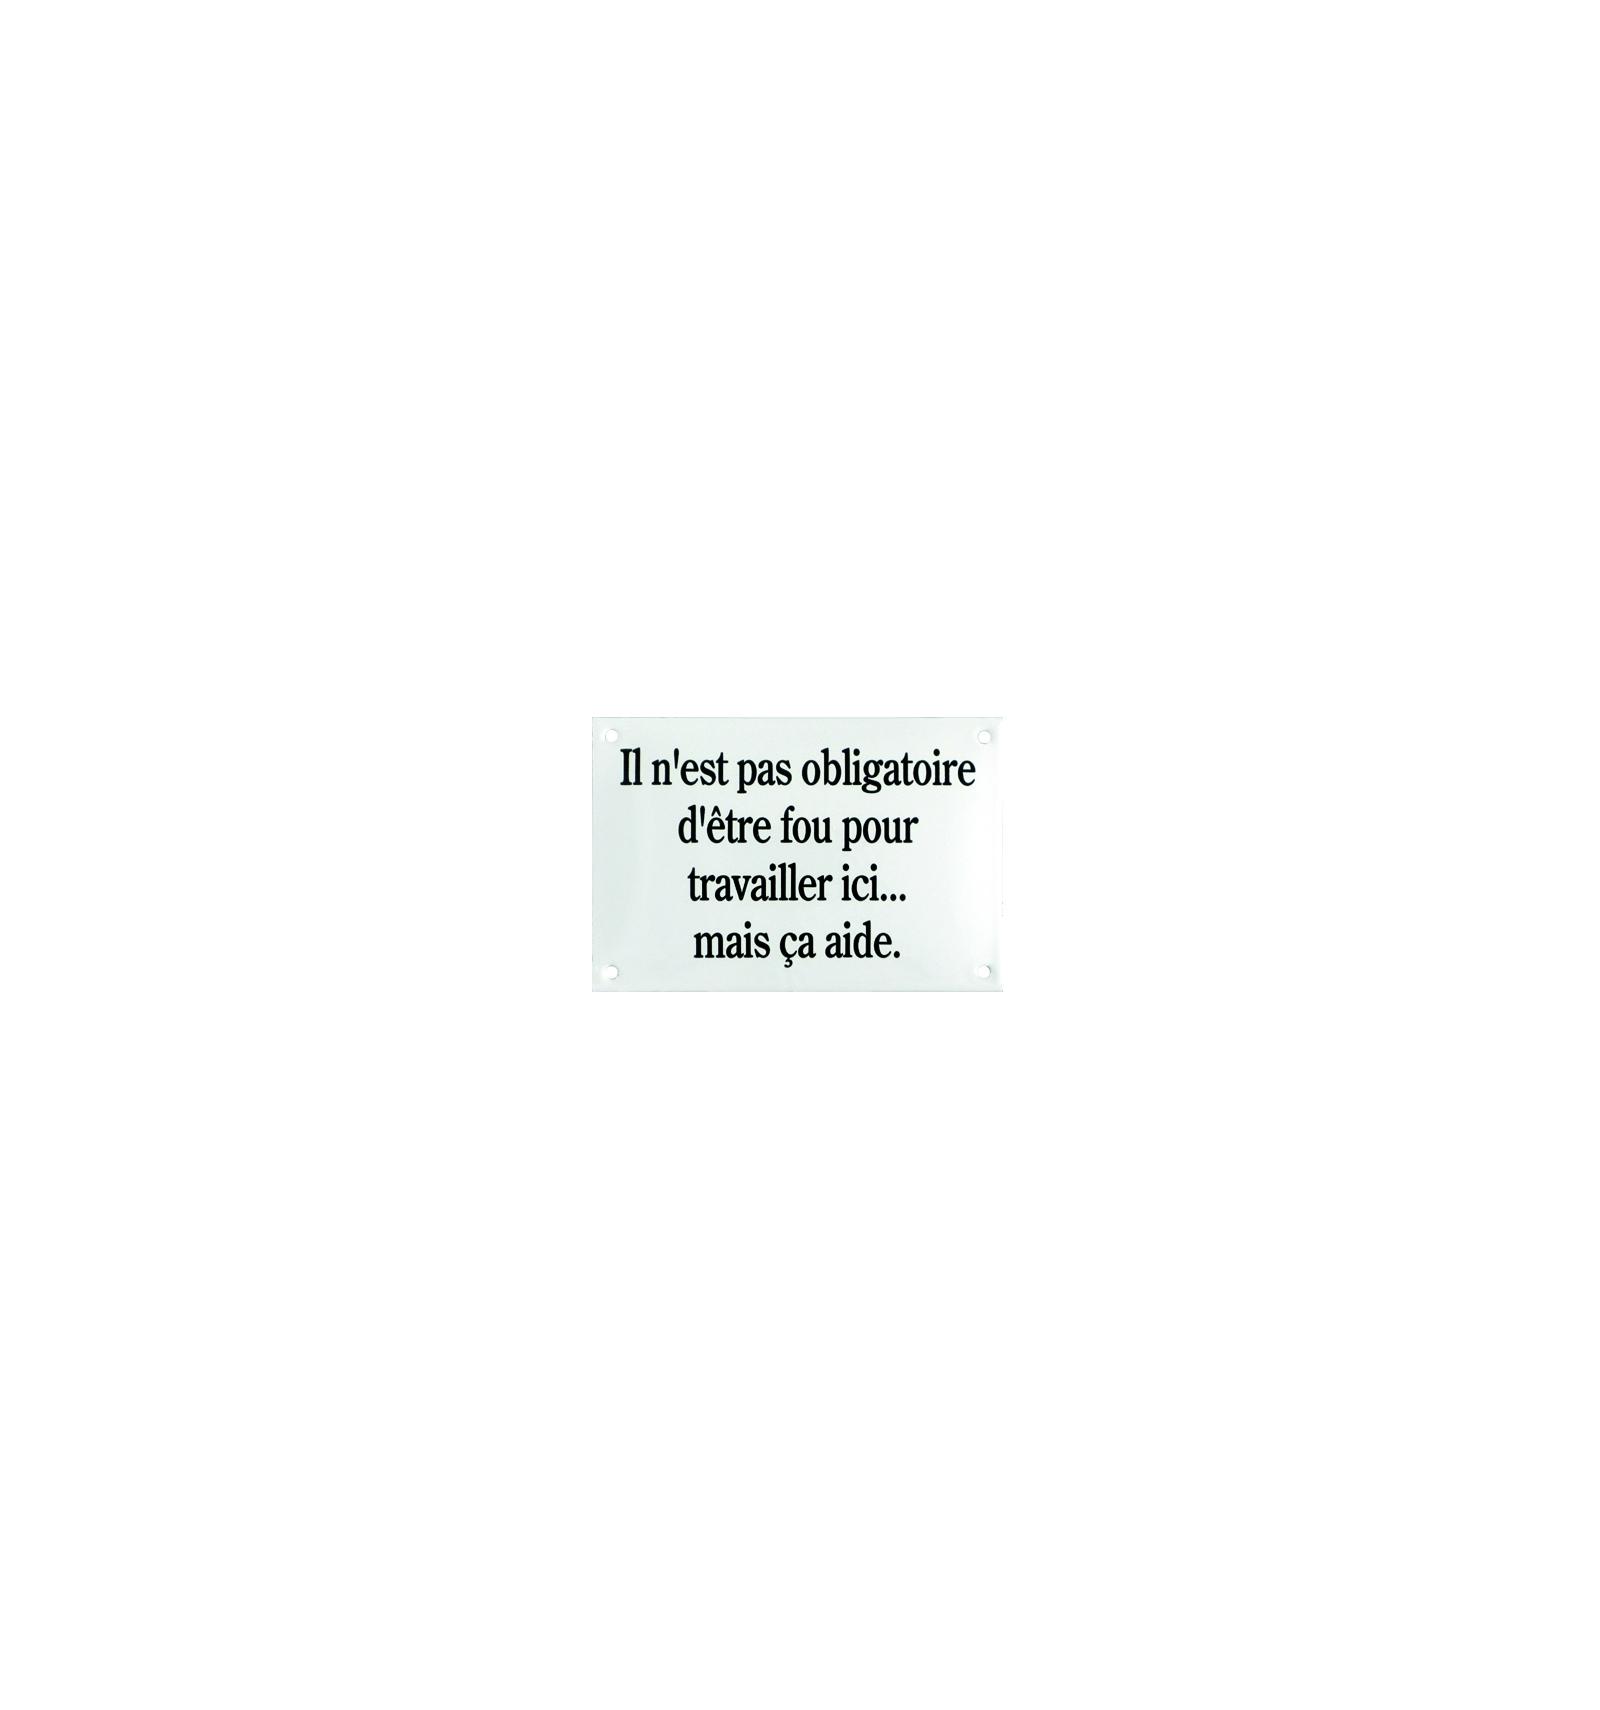 https://osez-sophie.com/1632-thickbox_default/plaque-emaillee-il-n-est-pas-obligatoire-etre-fou-osez-sophie-la-rochelle-ile-de-re.jpg